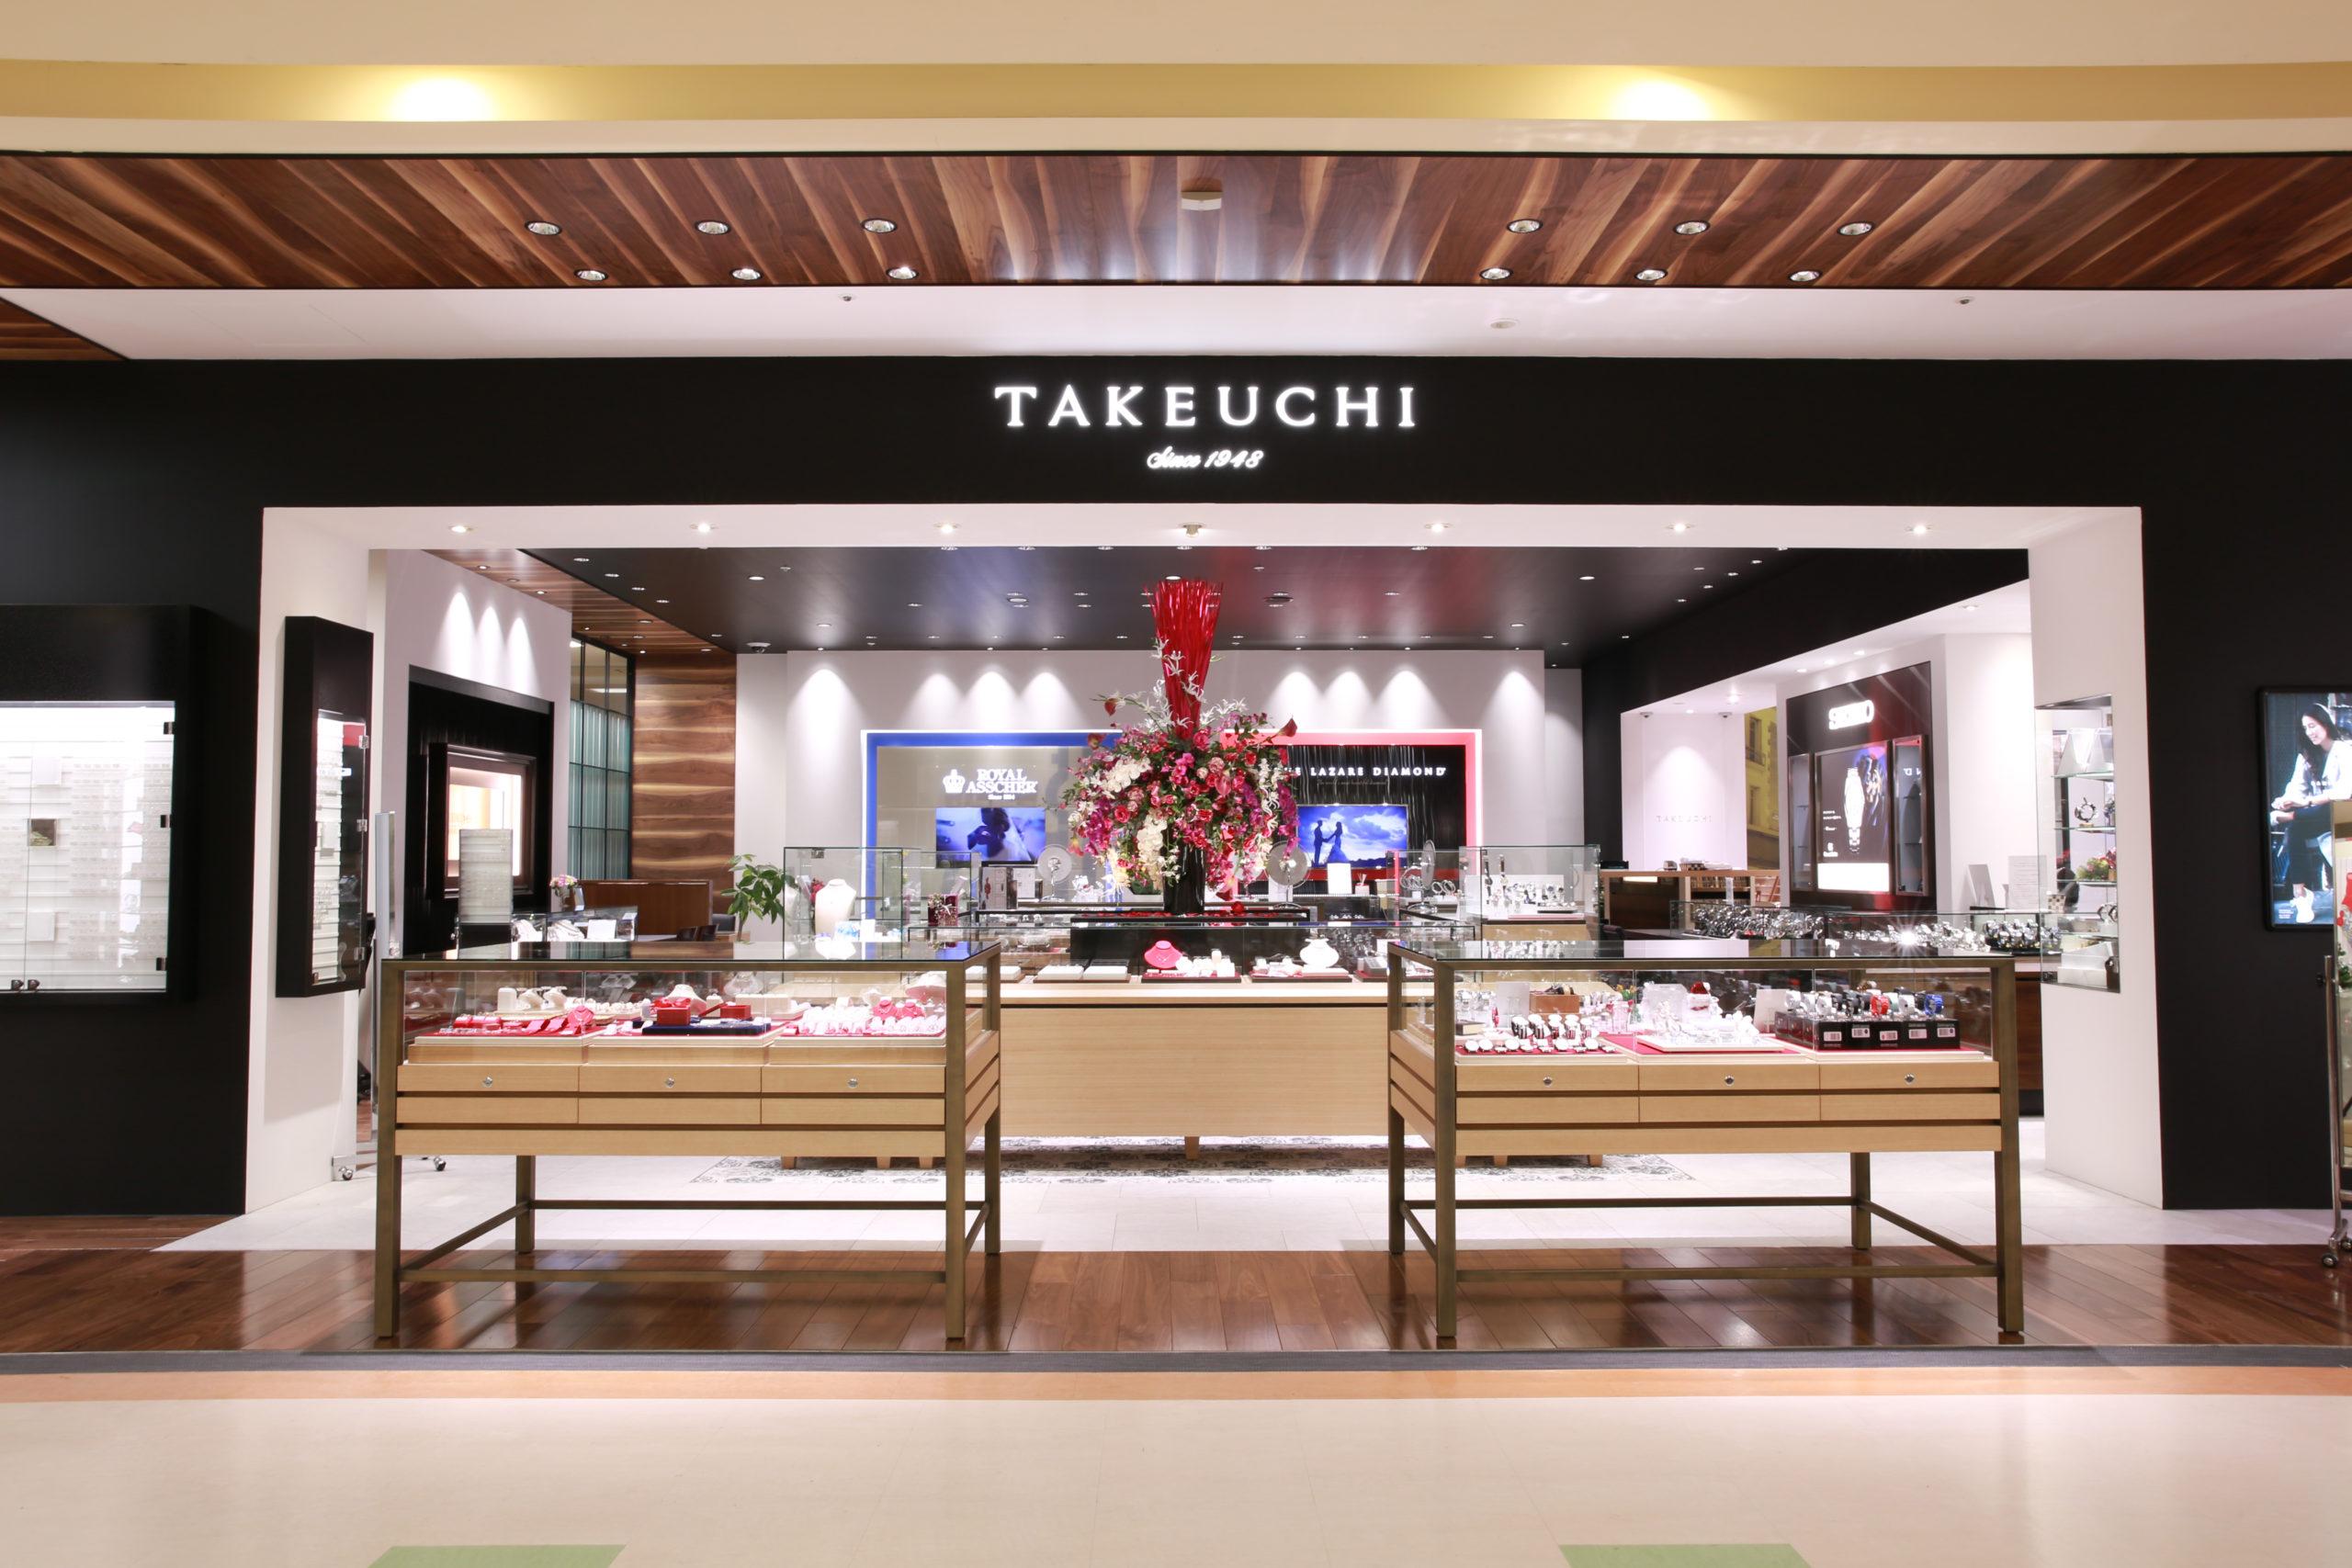 宝石時計の武内タケウチショッピングシティベル店の店頭画像